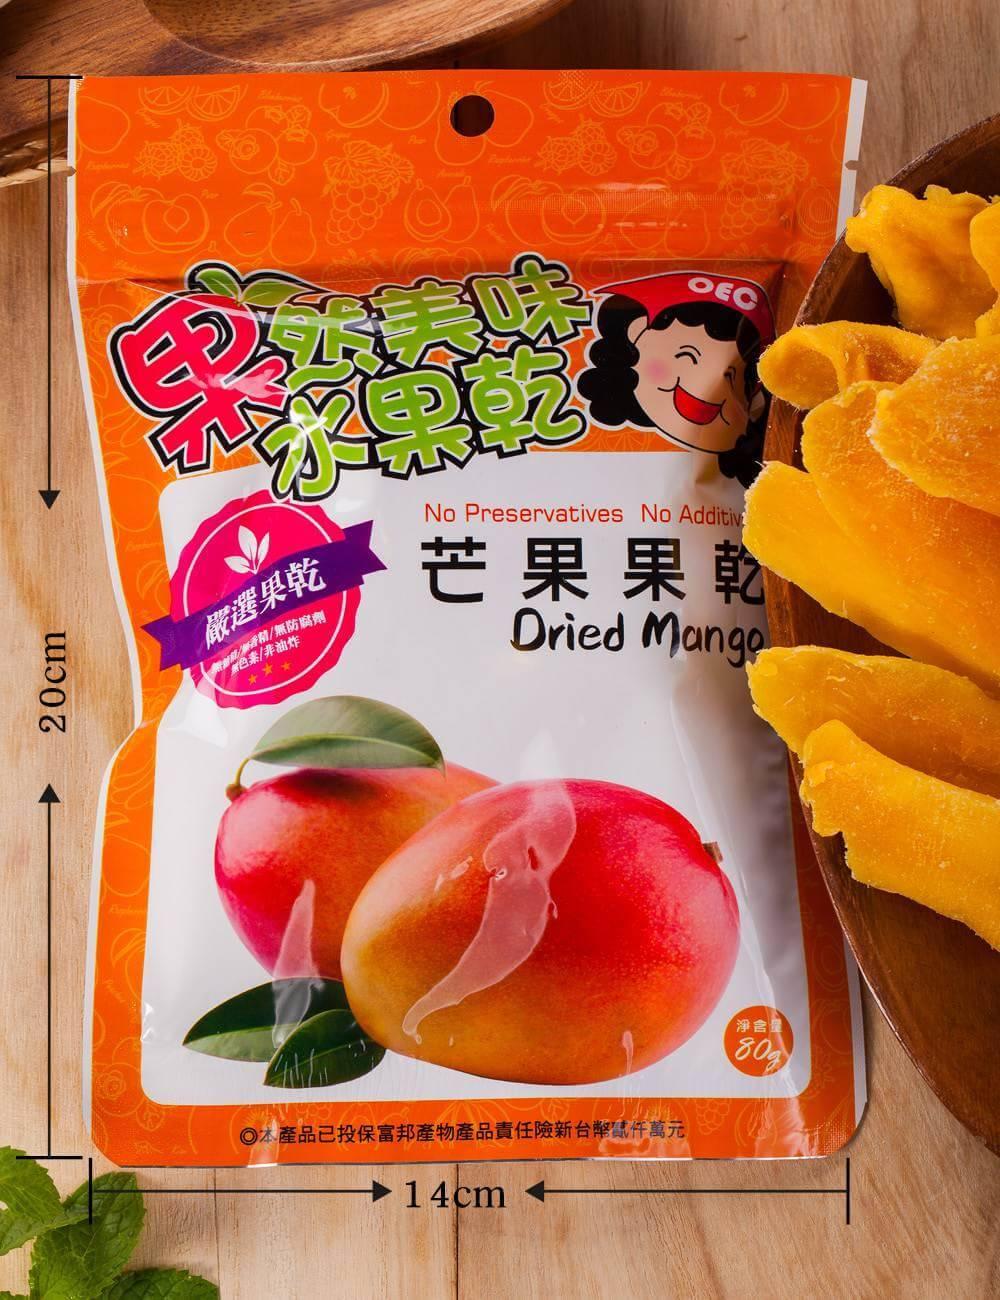 果然美味 芒果水果乾 出貨包裝圖